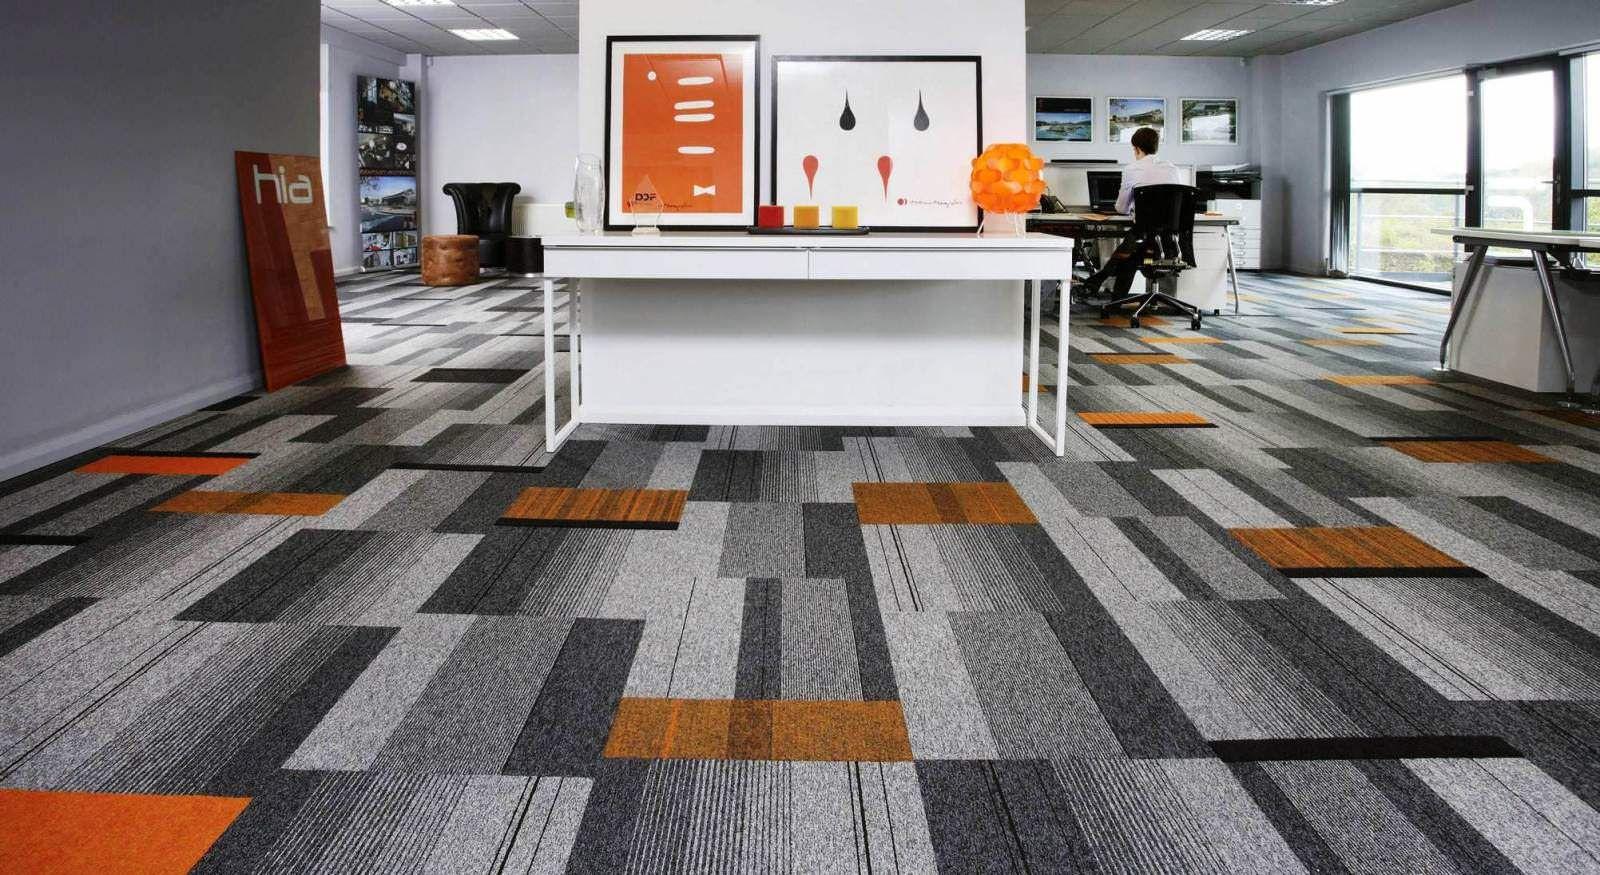 Black Blue Carpet Tiles Design For Bat New Home Carpet Tiles Blue Carpet And Bats Carpet Tiles Carpet Tiles Design Carpet Tiles Office